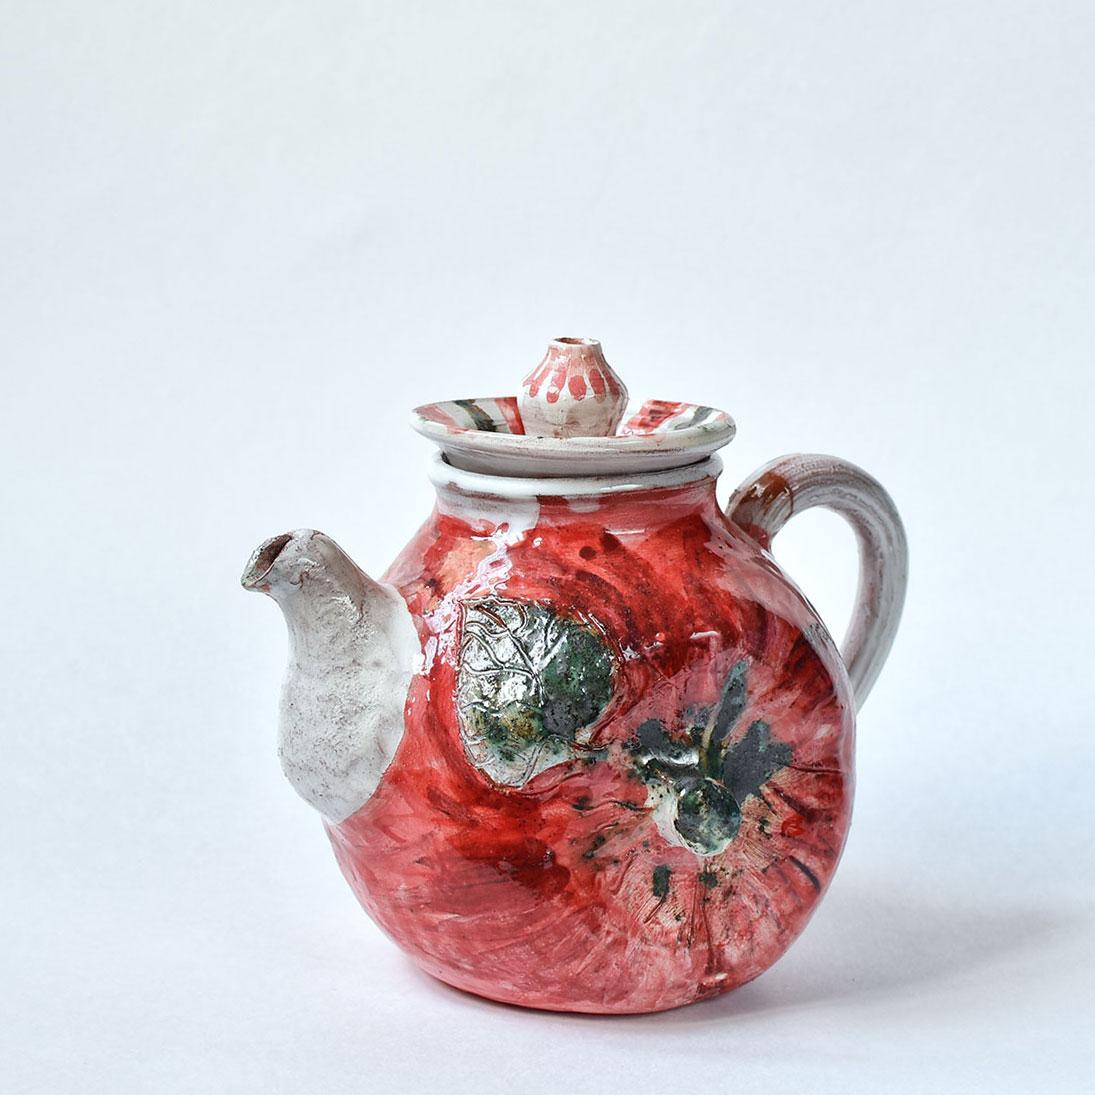 """картинка Керамический чайник ручной работы """"Яблоко"""" - DishWishes.Ru"""